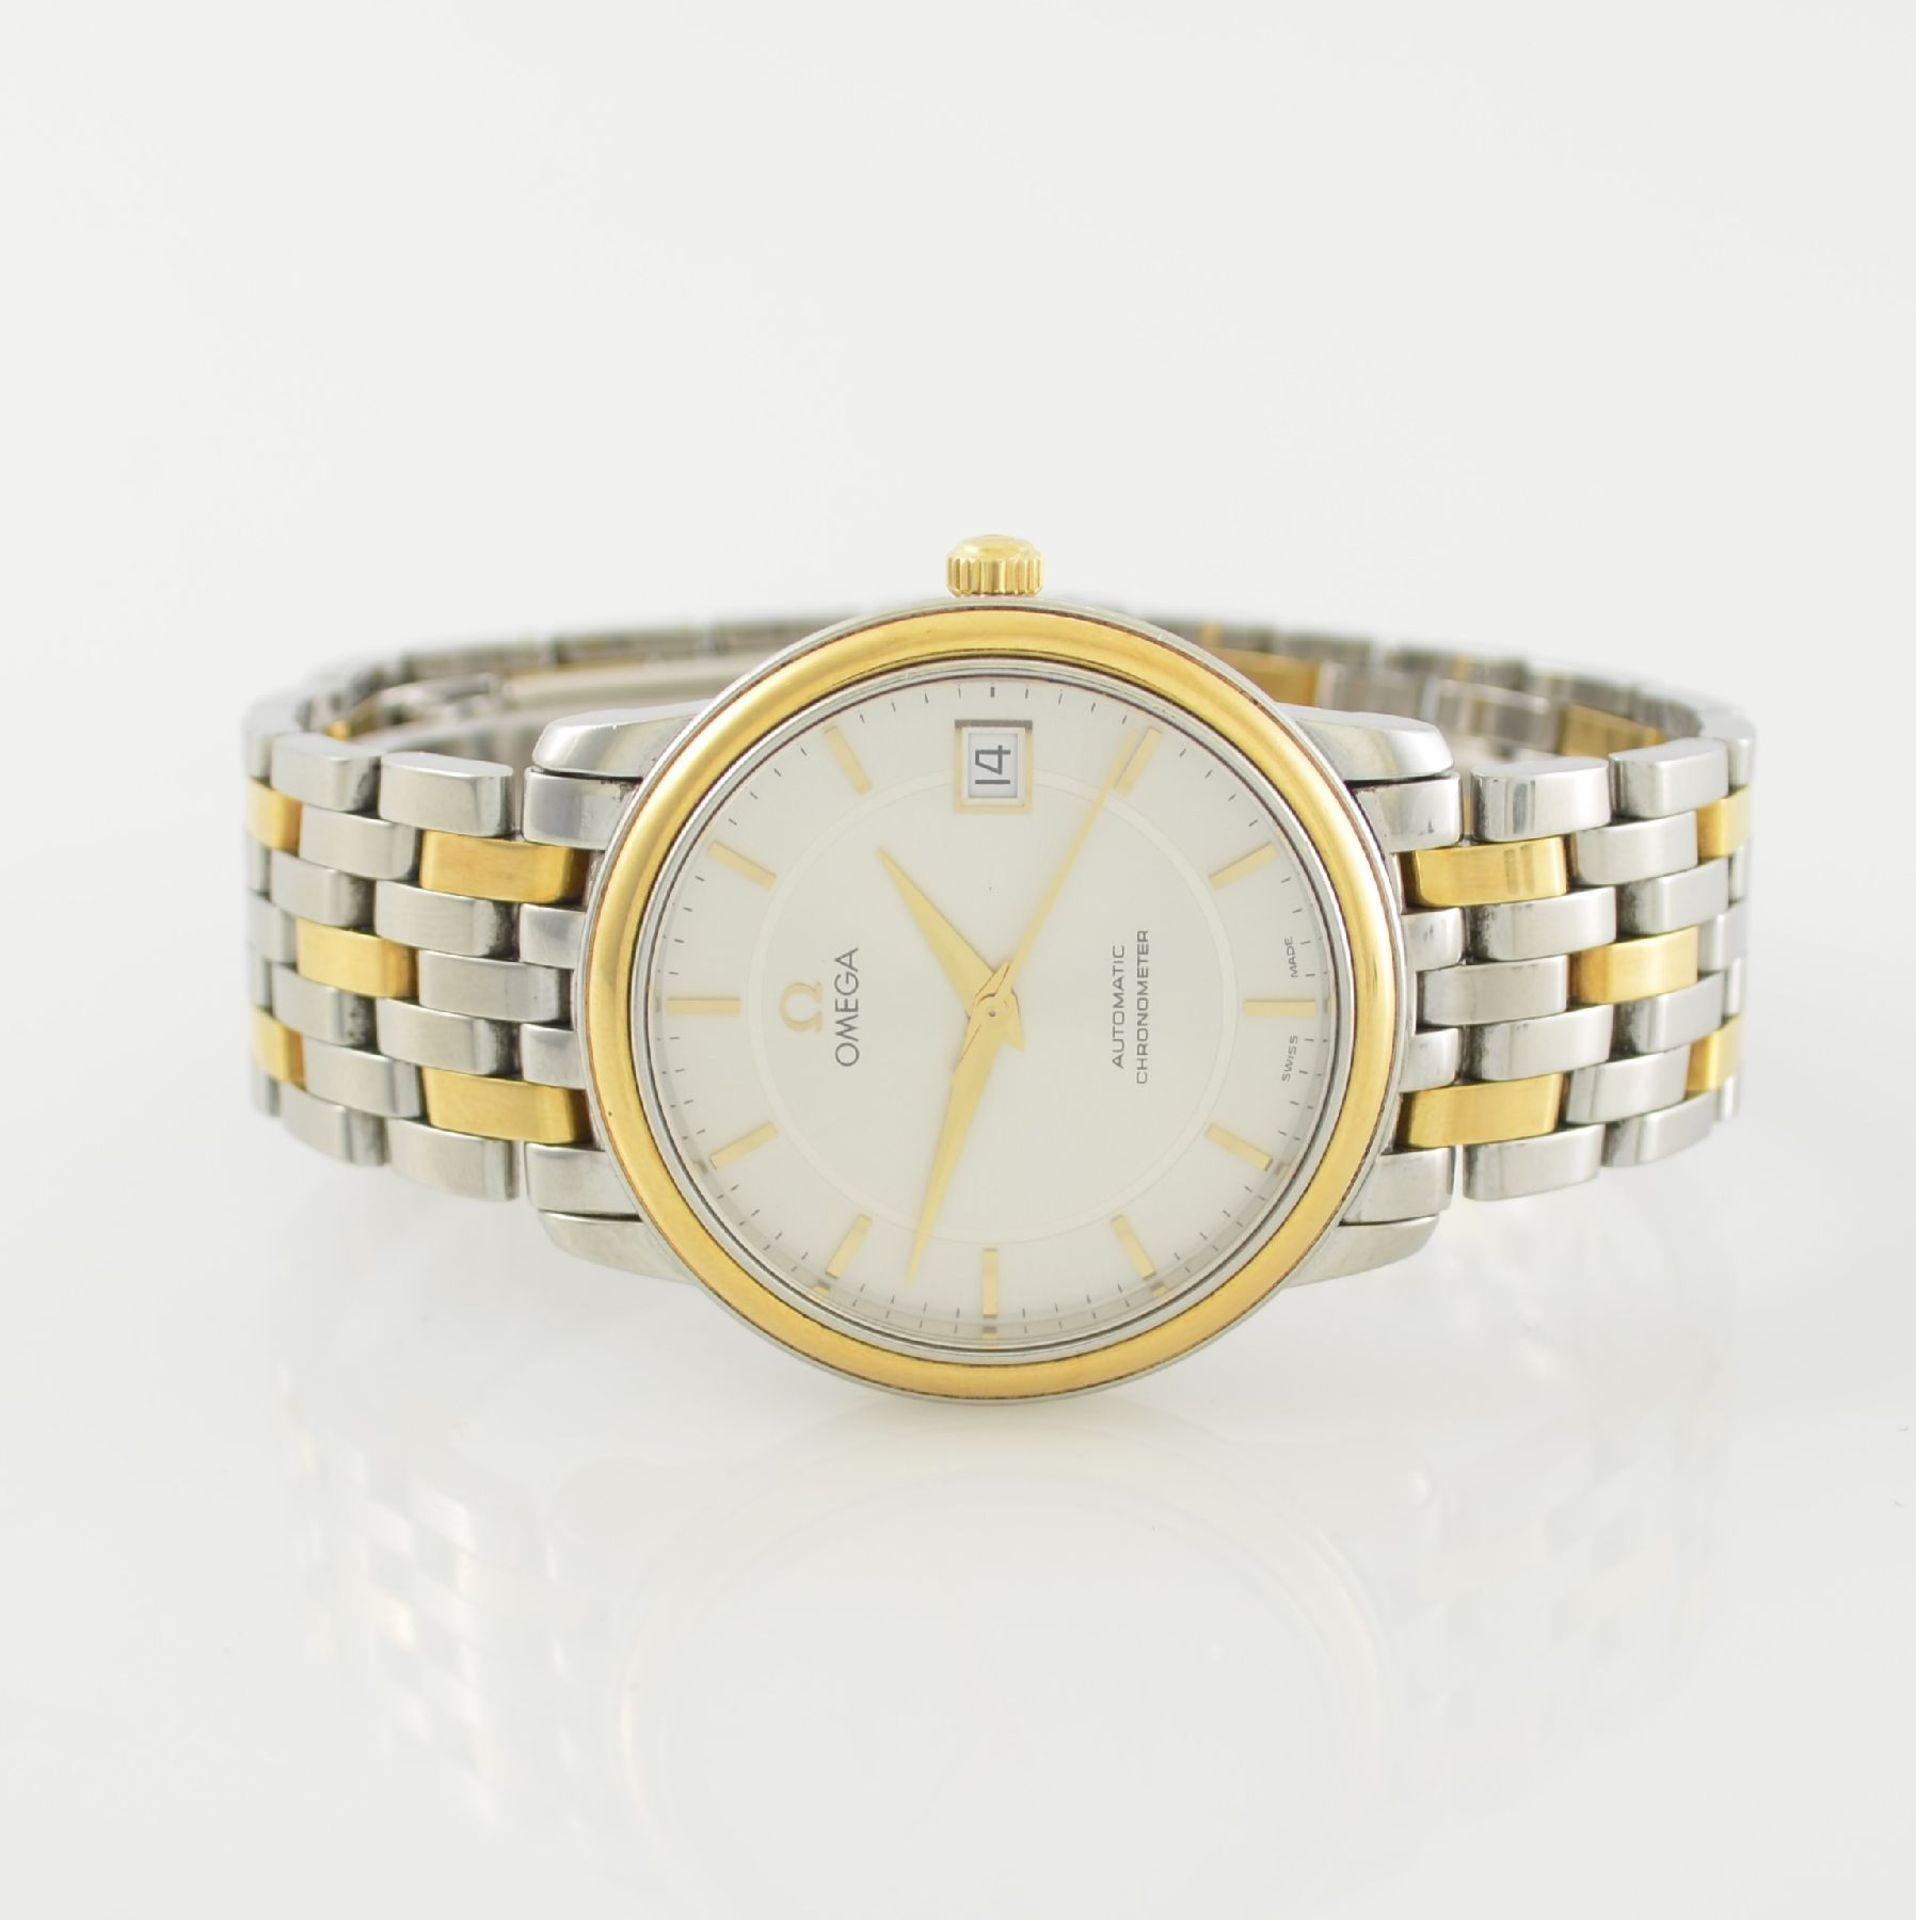 OMEGA Chronometer Herrenarmbanduhr in Edelstahl/Gold Ref. 168 1050, Schweiz um 2006, Automatik,